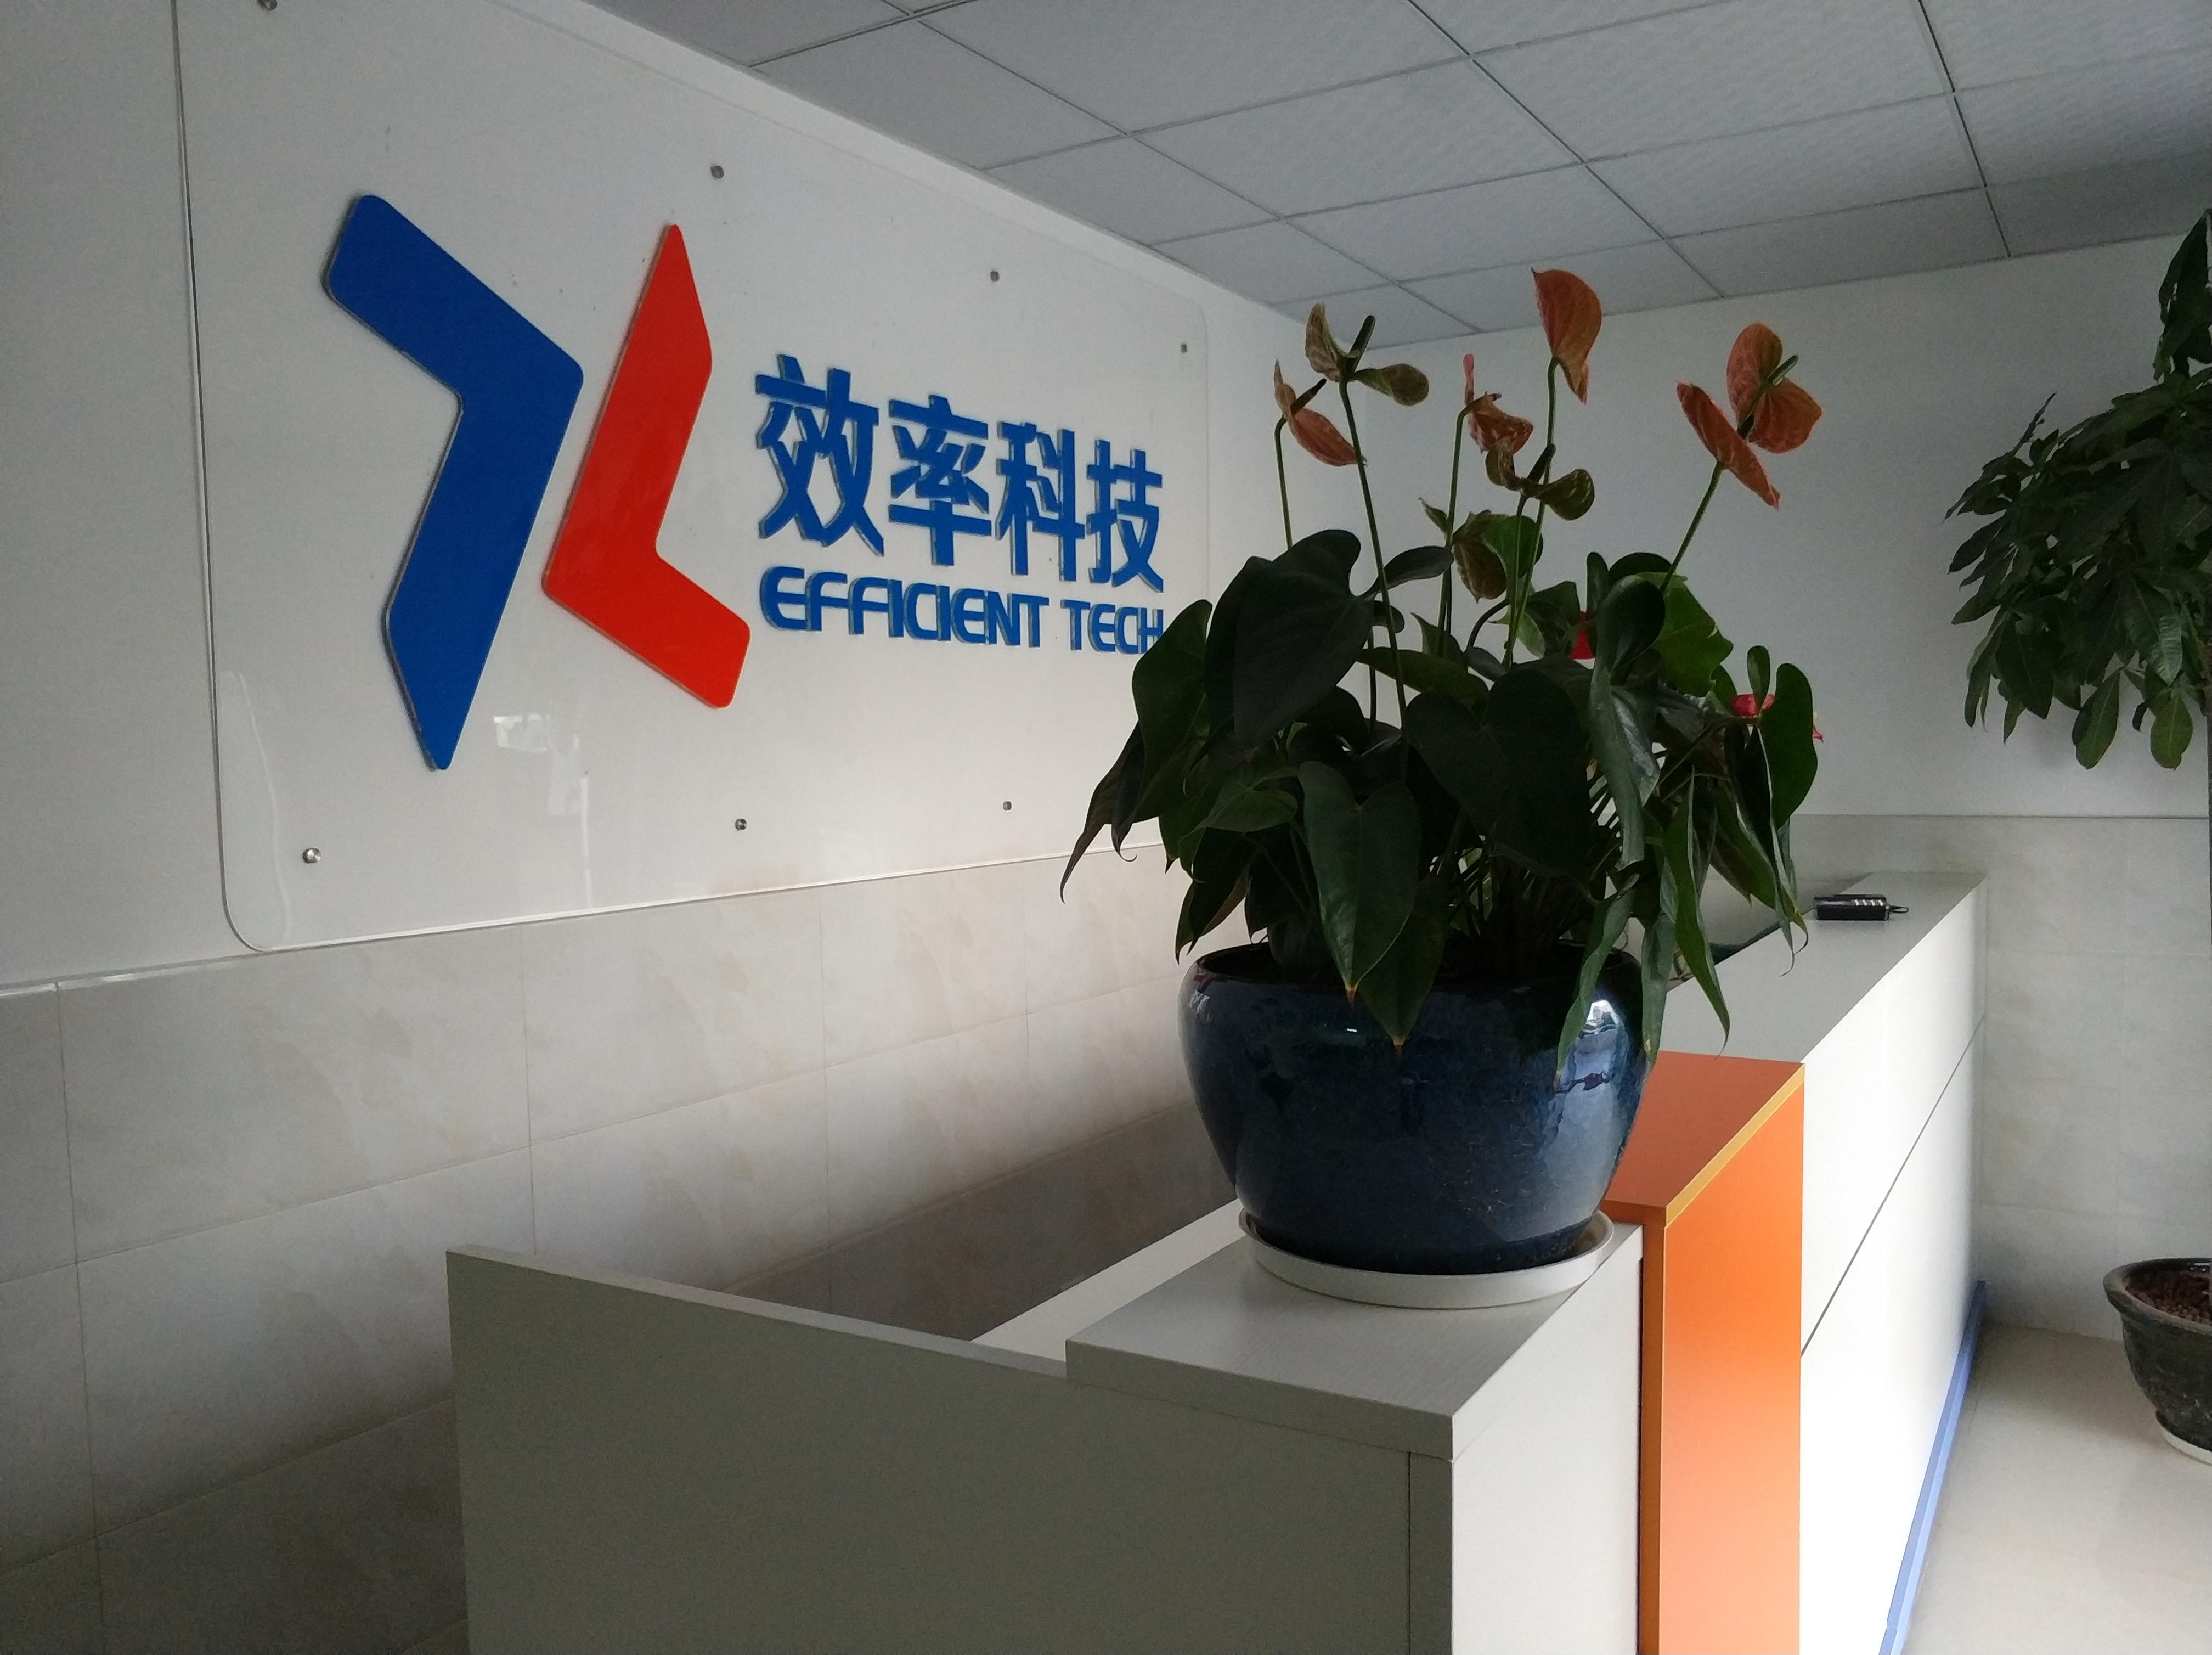 效率科技新LOGO新办公室正式投入使用